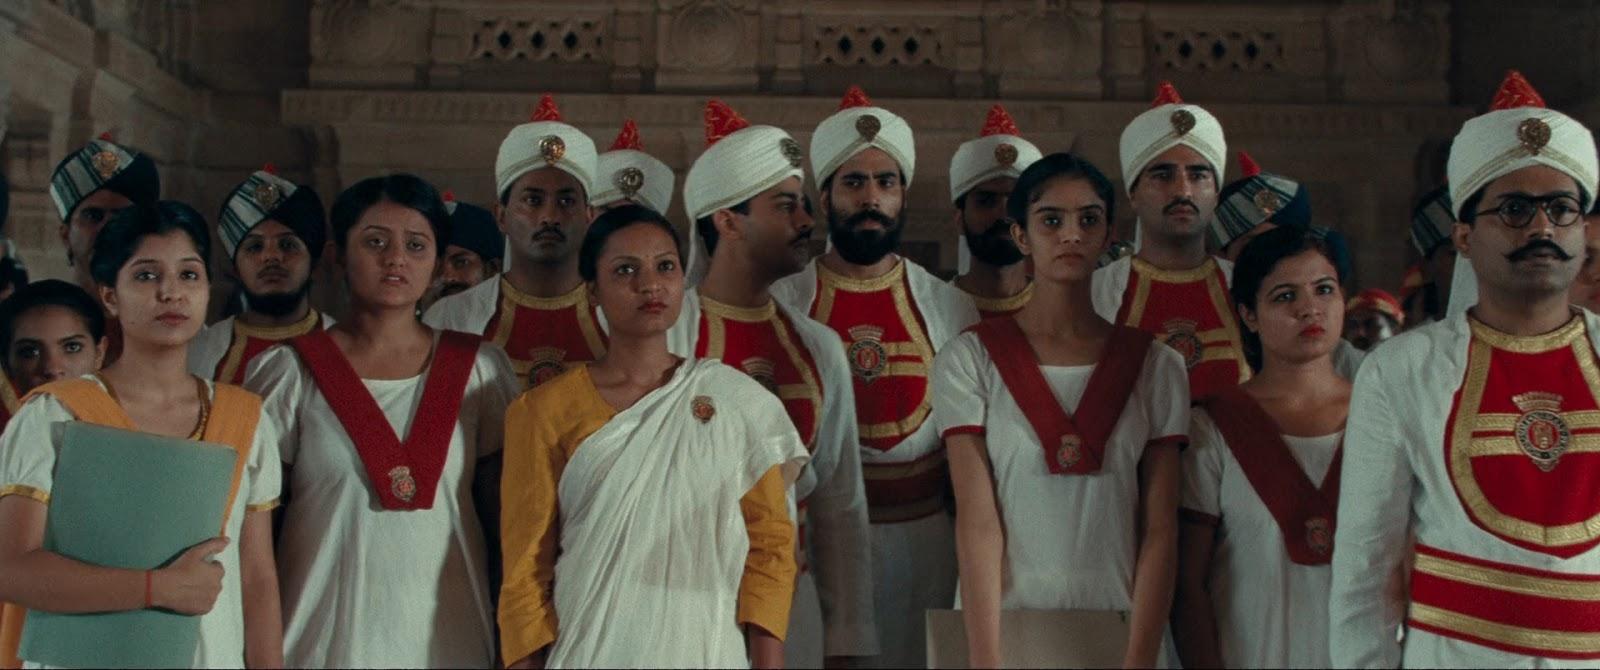 El Último Virrey de la India (2017) 1080p Latino - Ingles captura 4